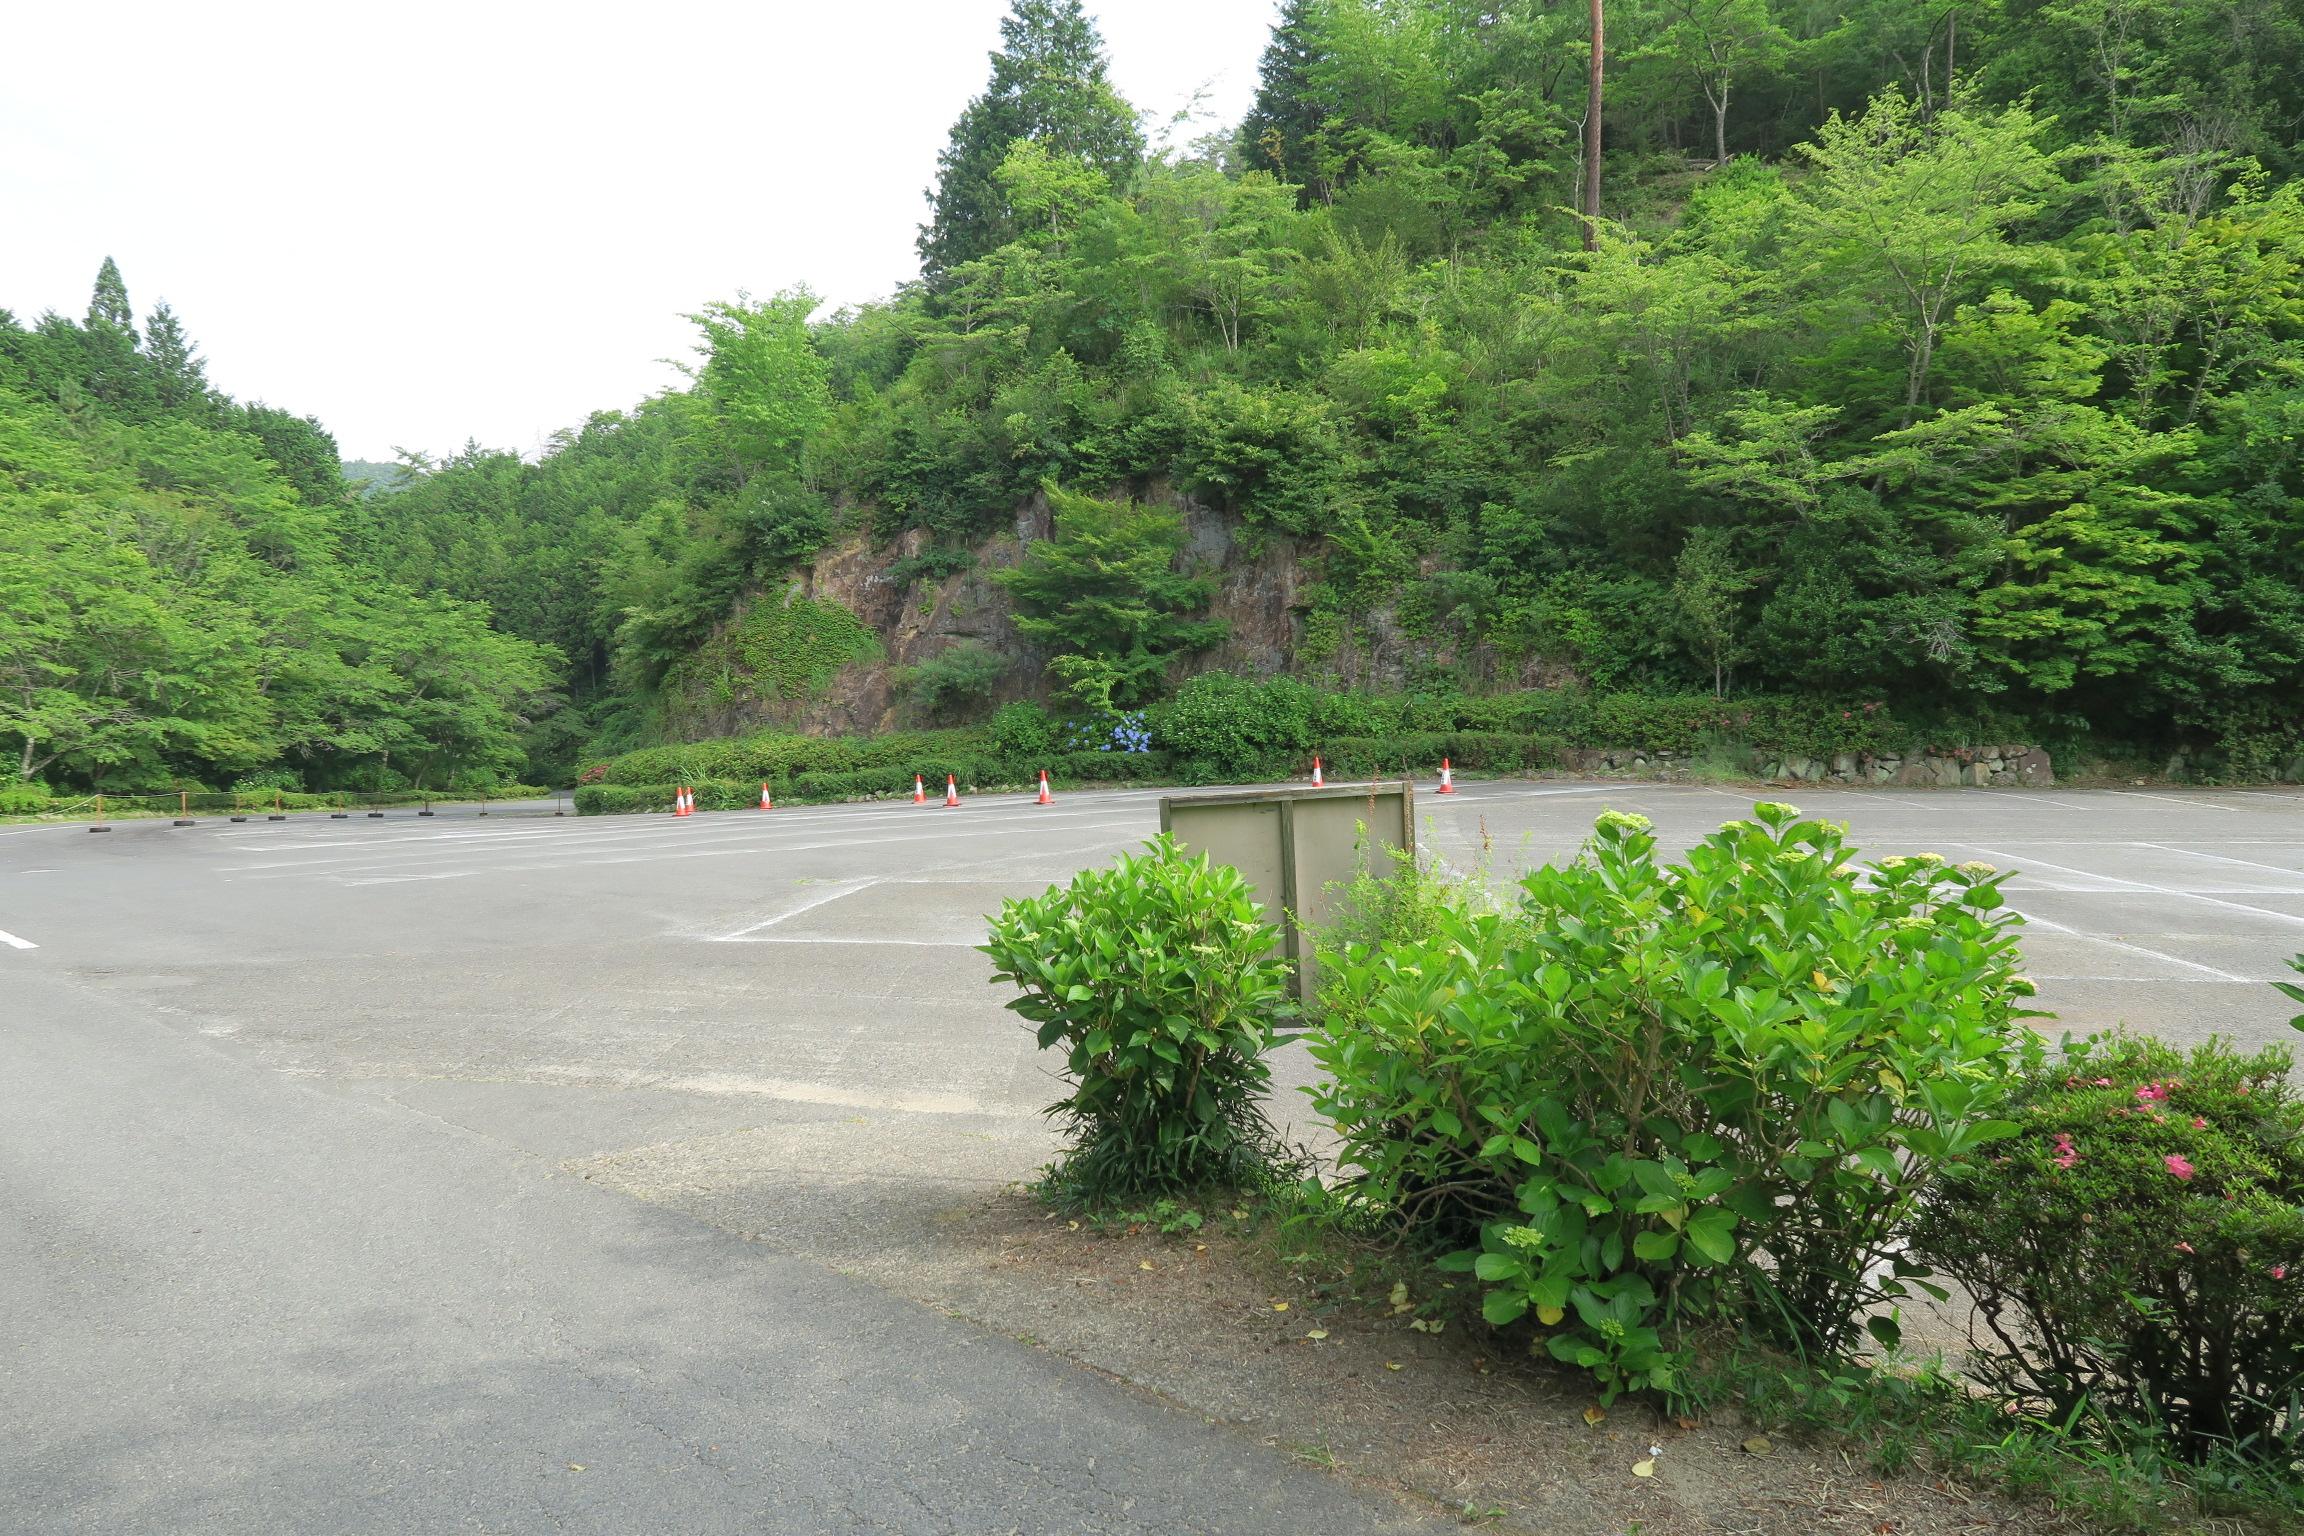 しょうぶ園の横にある大駐車場。朝イチなので、まだ車なし。。。